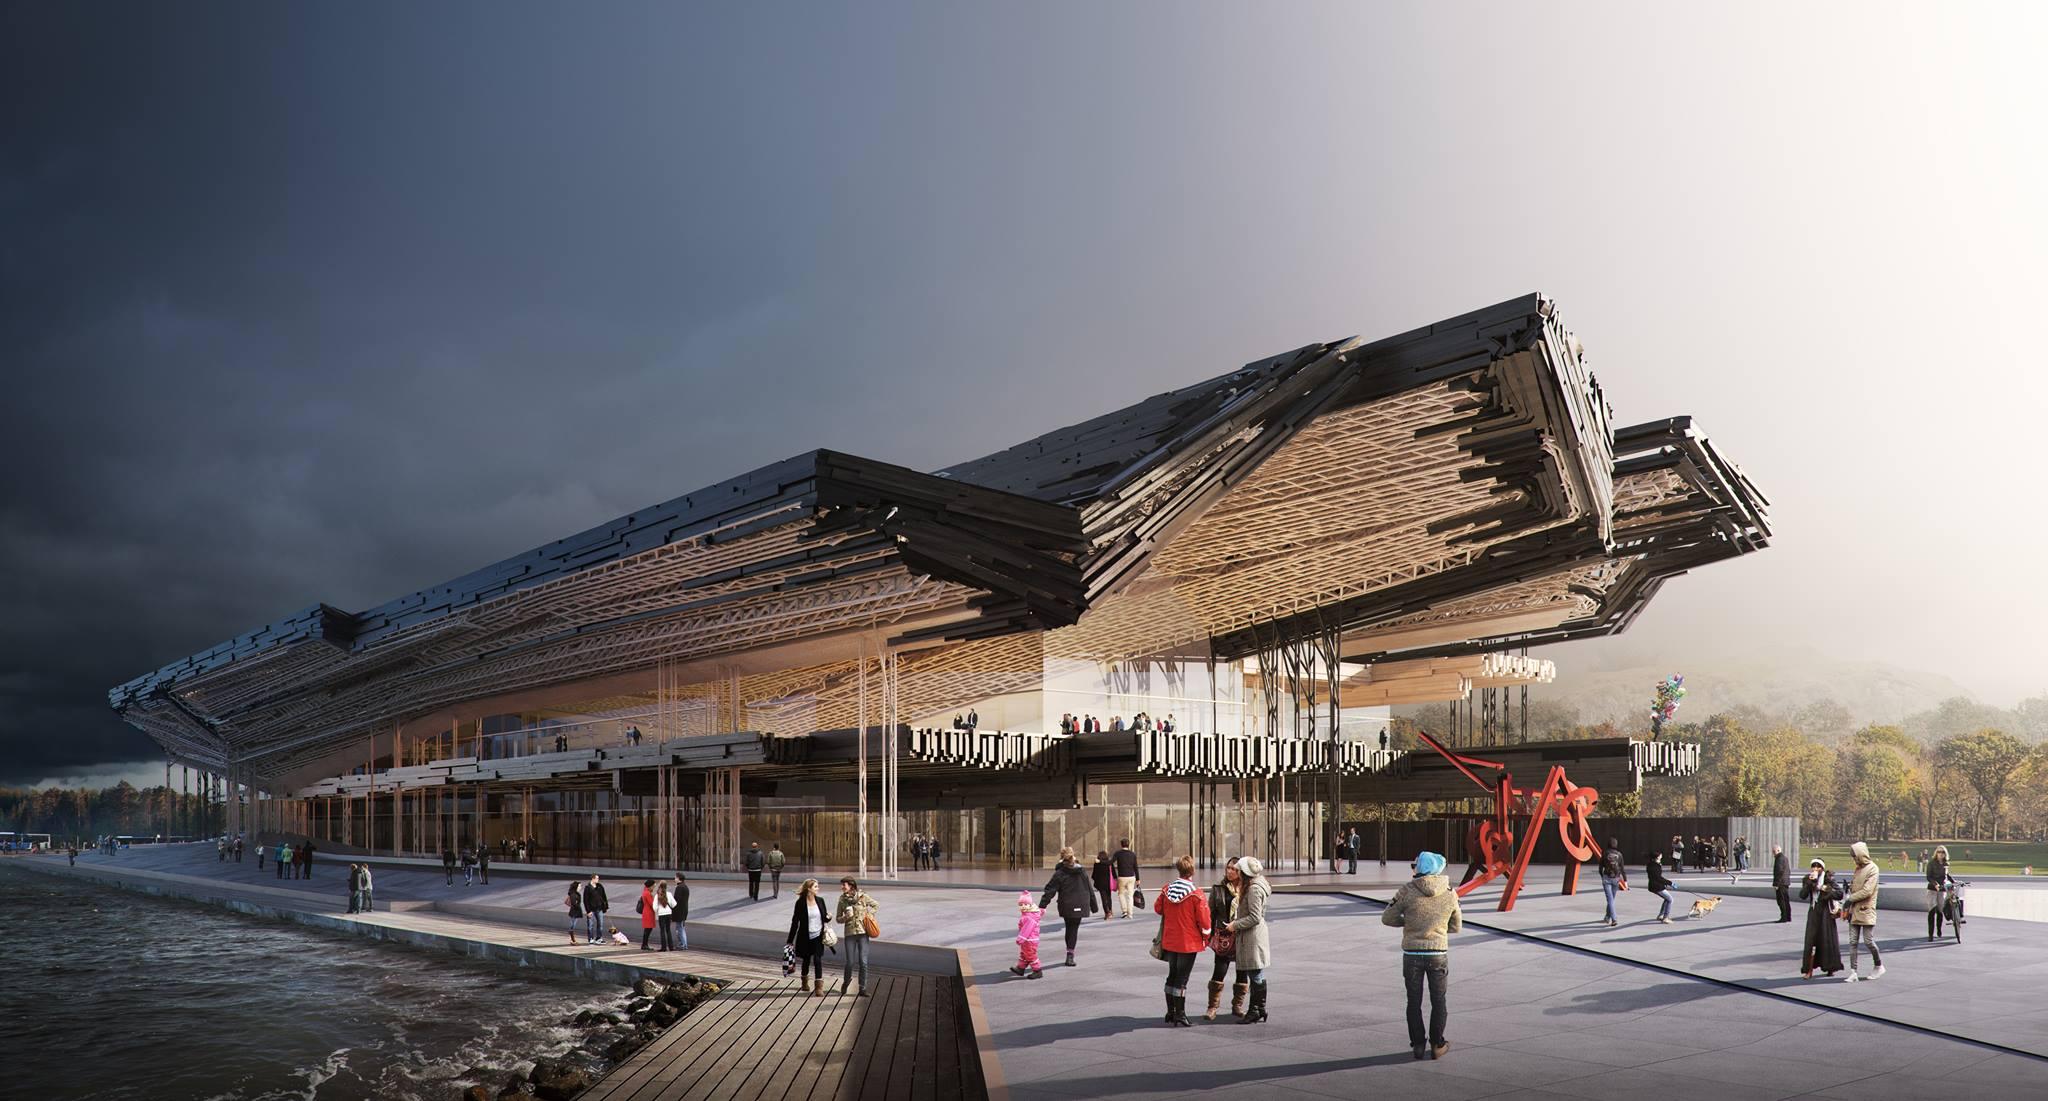 Guggenheim Helsinki võistlustöö. Lagede konstruktsioon koosneb taaskasutatud prussidest. Sellise konstruktsiooni saab välja arvutada ainult lõplike elementide meetodiga ja seda ehitada vaid robotitega. Kavand: Gilles Retsin